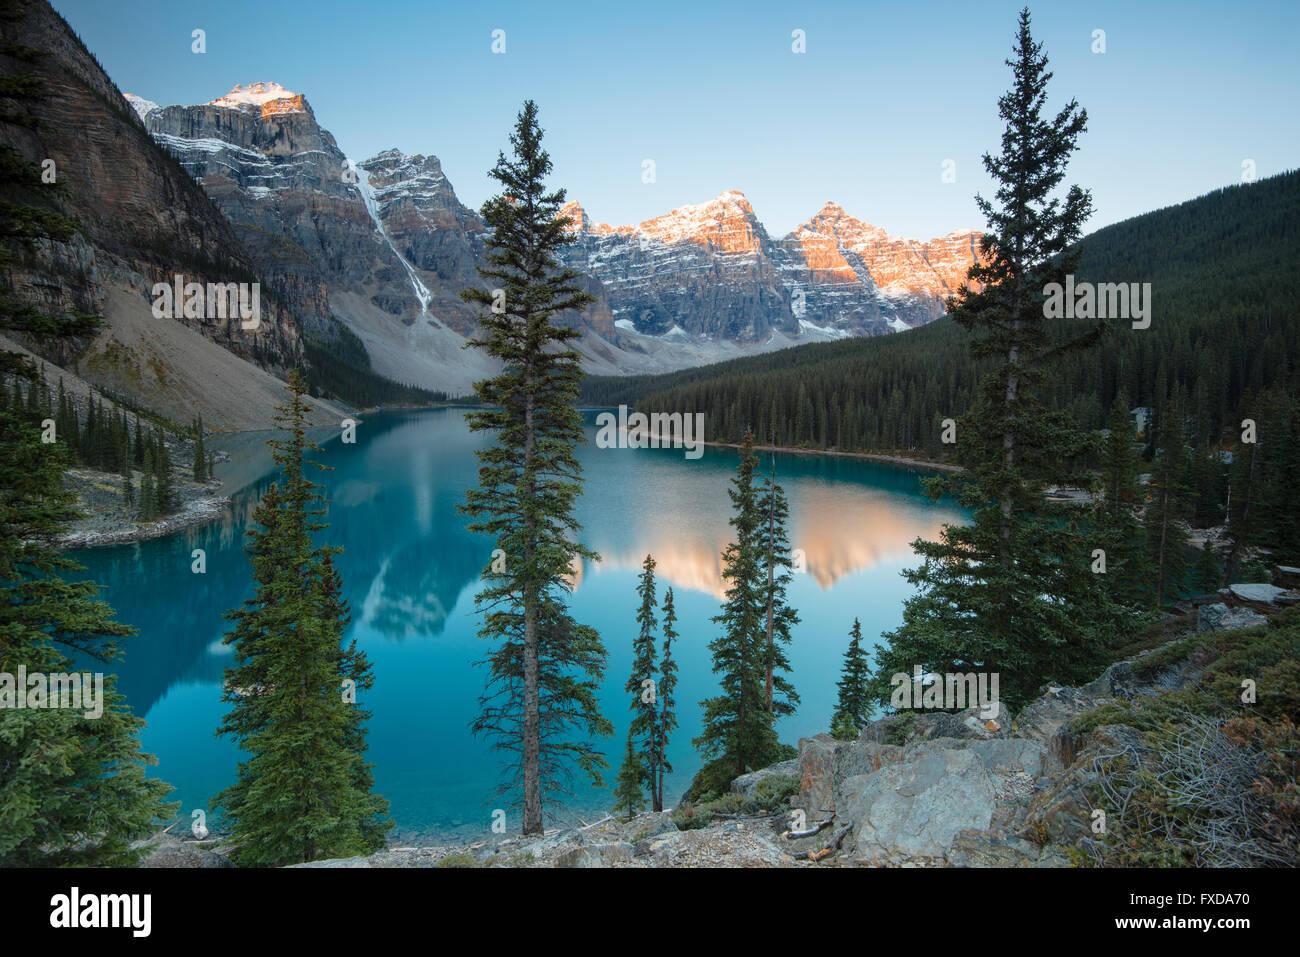 El Lago Moraine, el lago glacial-fed, en la luz de la tarde, el Valle de los Diez Picos, Canadian Rockies, Parque Nacional de Banff Foto de stock